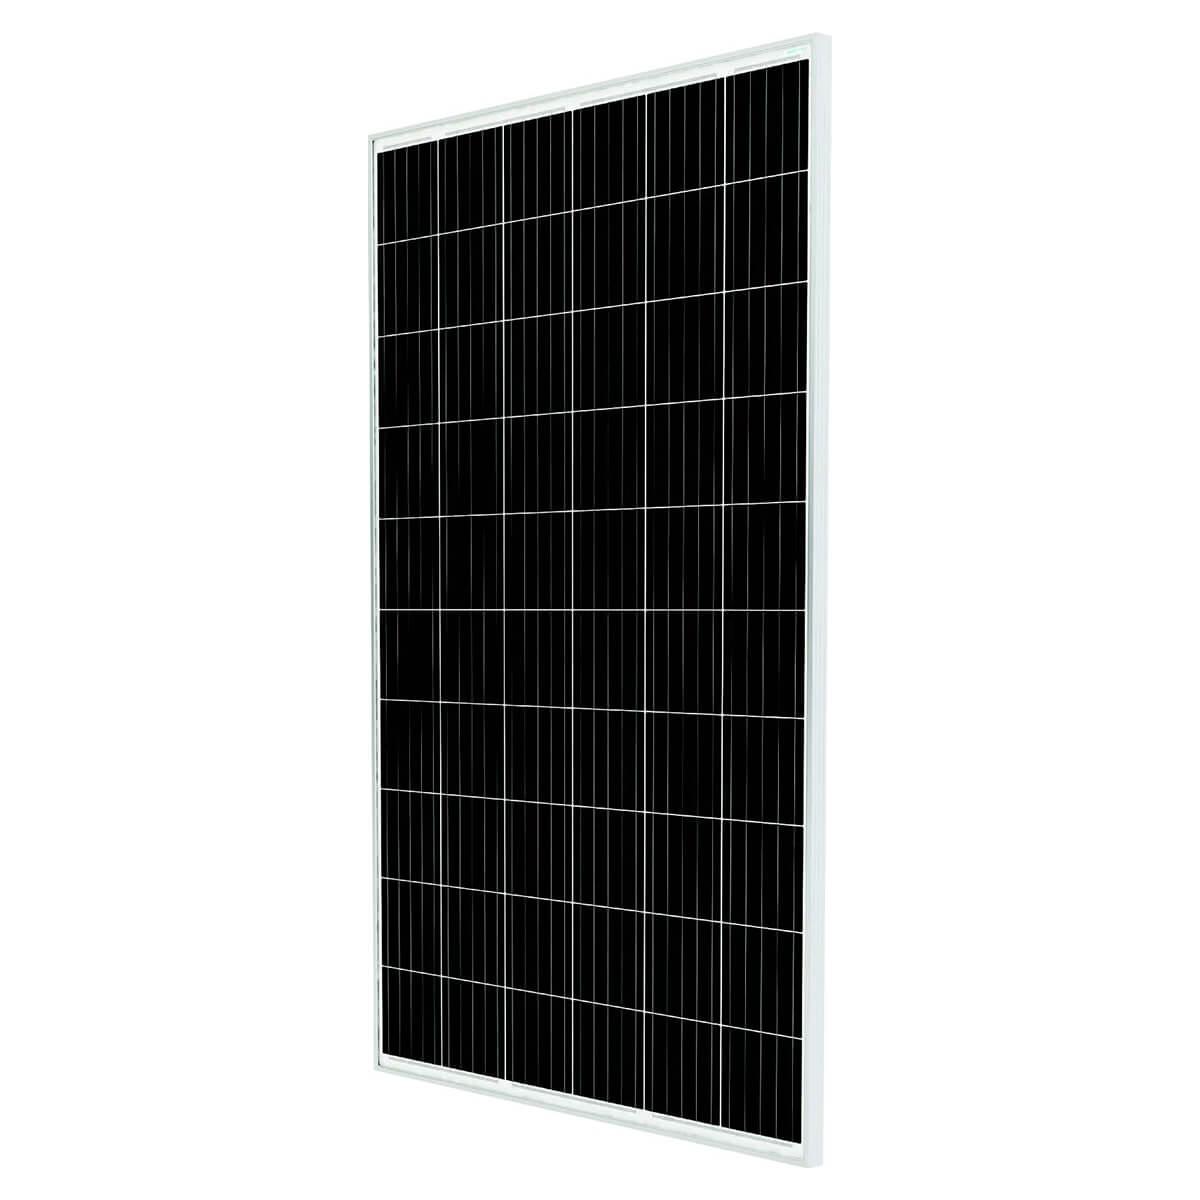 tommatech 335W panel, tommatech 335Watt panel, tommatech 335 W panel, tommatech 335 Watt panel, tommatech 335 Watt monokristal panel, tommatech 335 W watt gunes paneli, tommatech 335 W watt monokristal gunes paneli, tommatech 335 W Watt fotovoltaik monokristal solar panel, tommatech 335W monokristal gunes enerjisi, tommatech TT335-60PM-335W panel, TOMMATECH 335 WATT